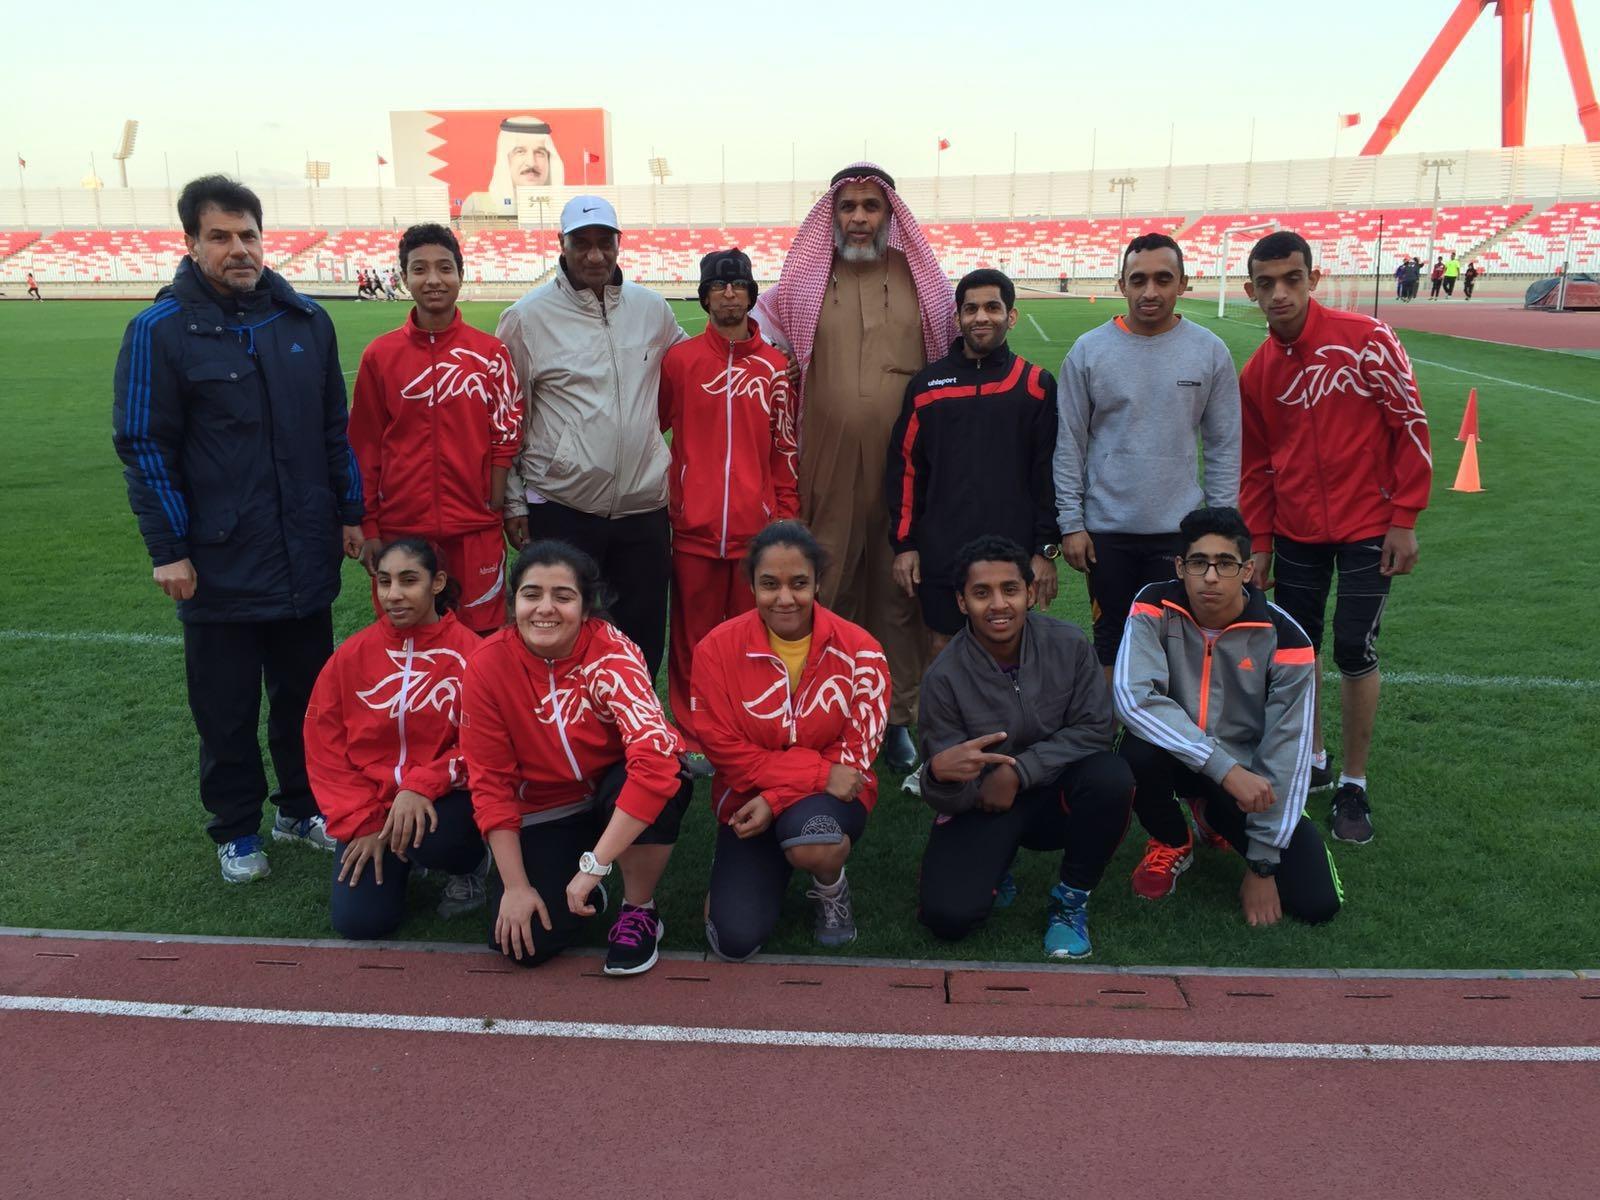 اللاعبين واللاعبات المشاركين في فعالية قياس الجري